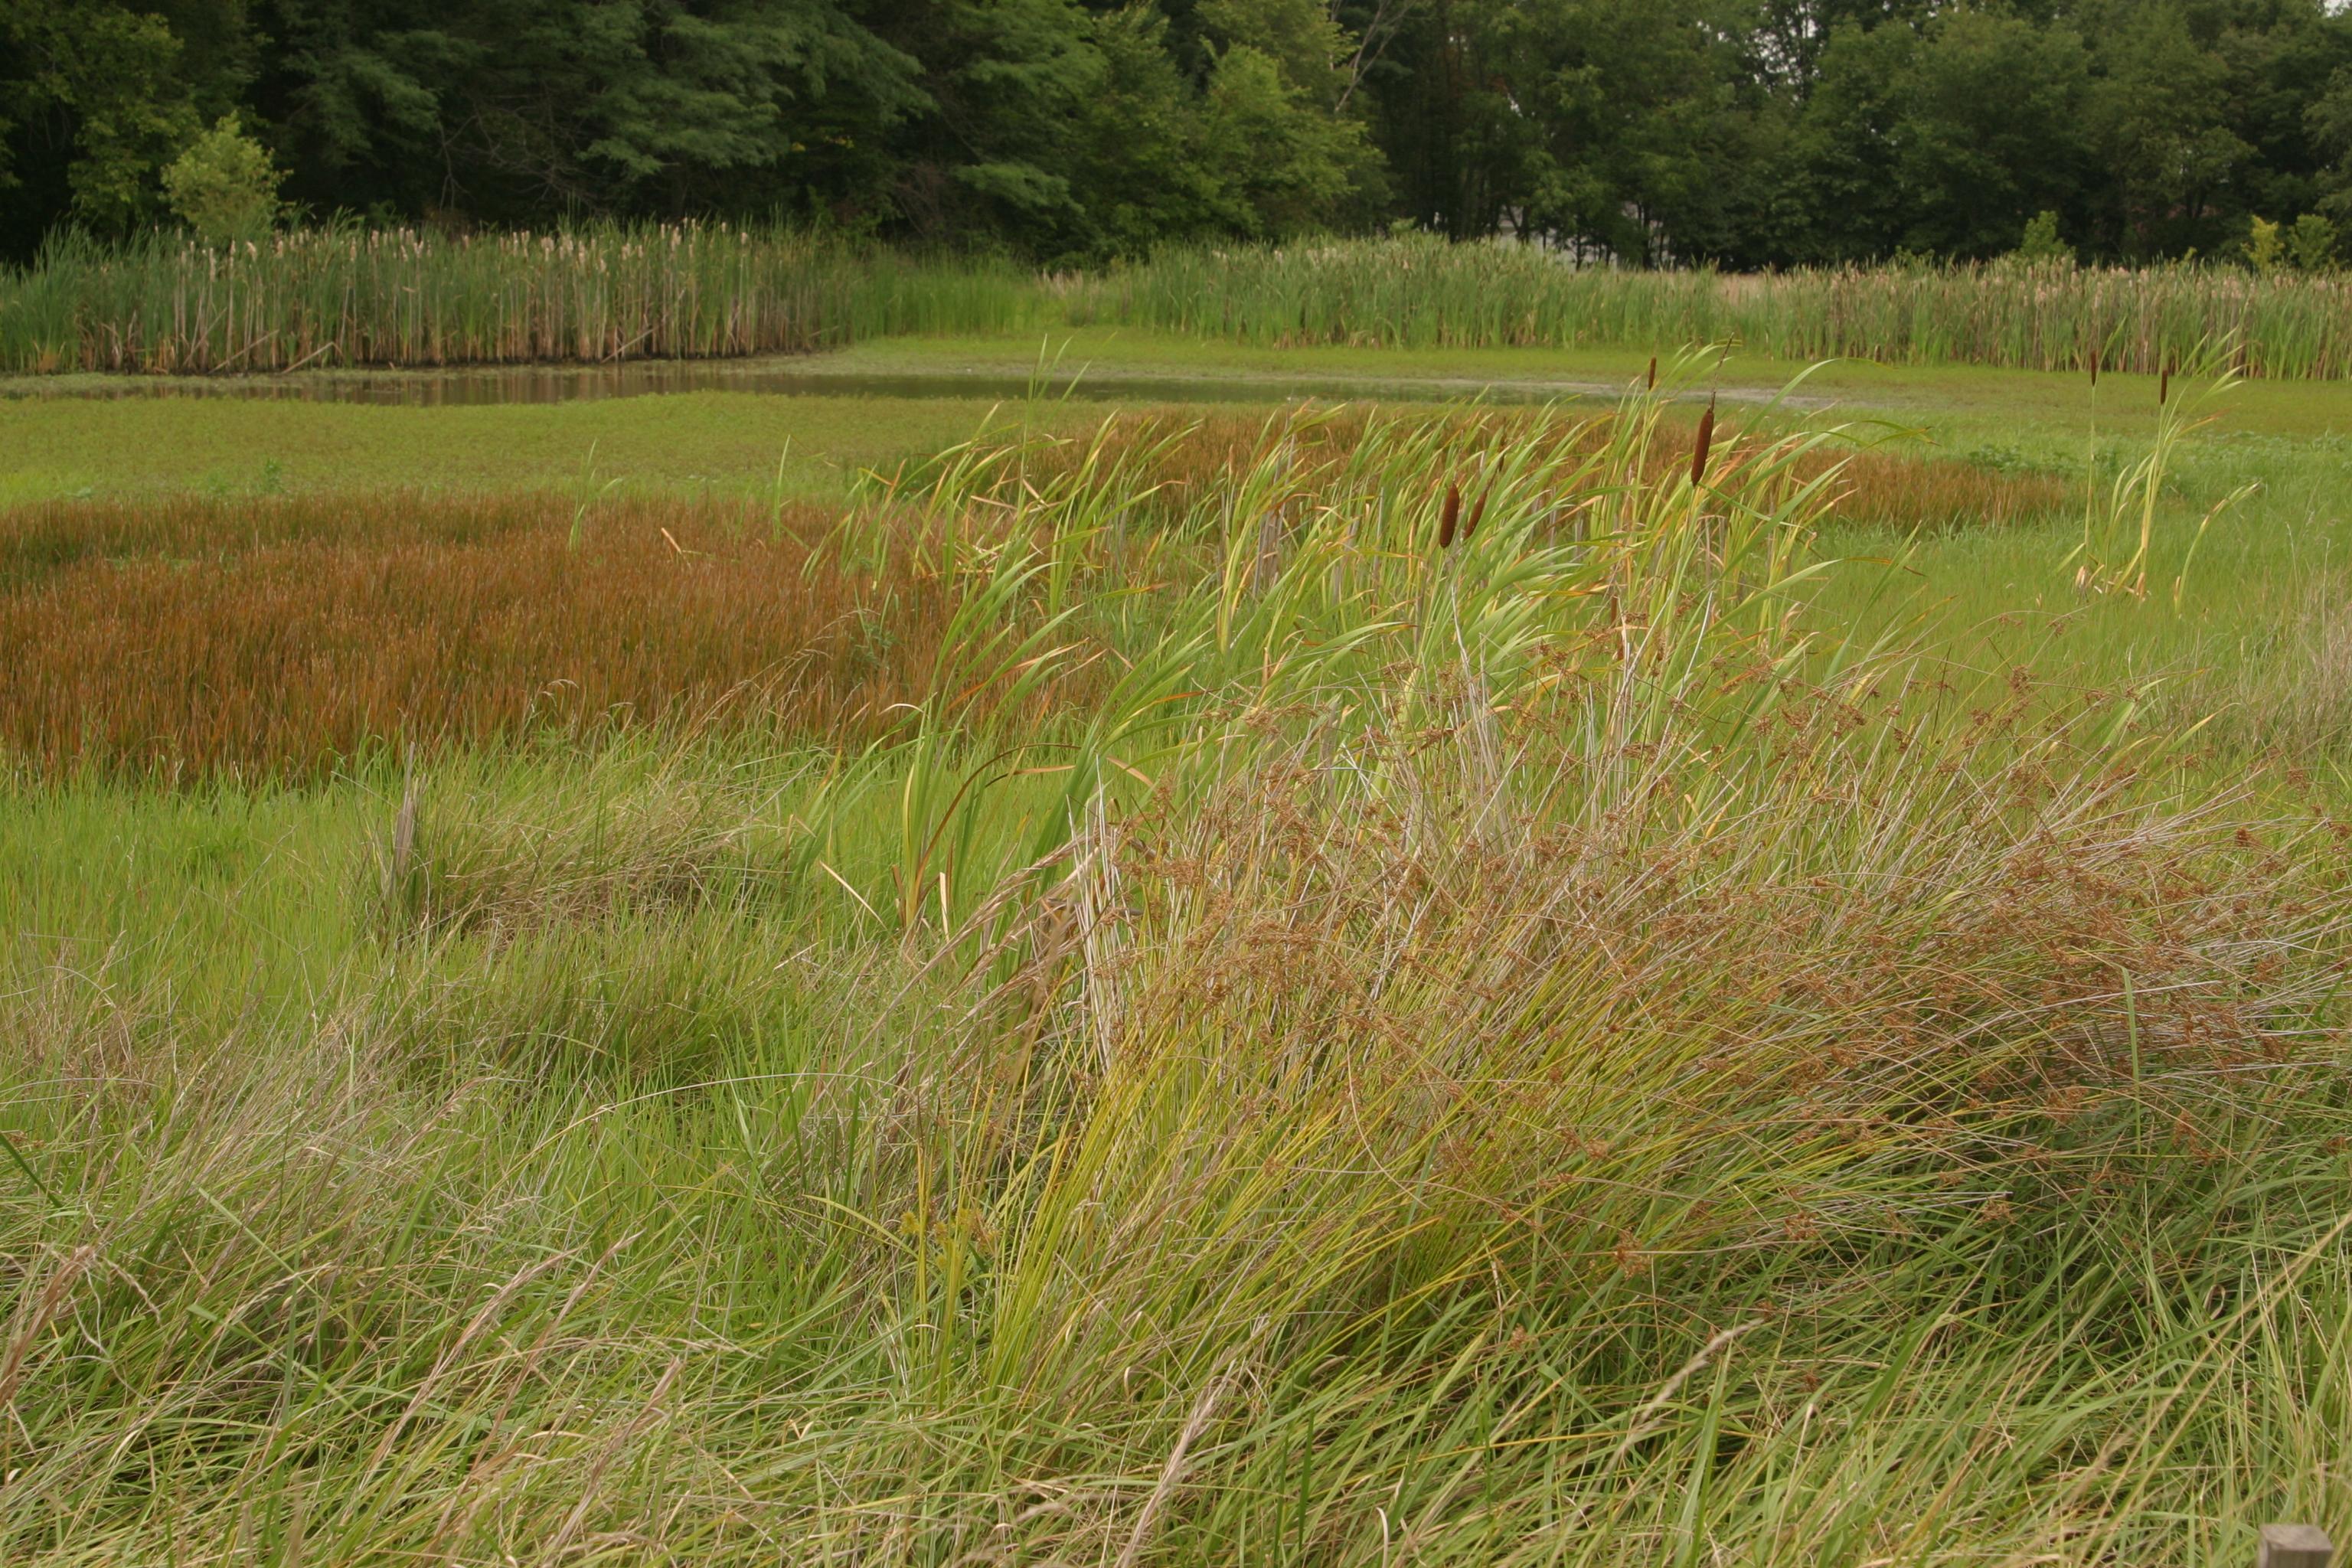 Wetlands Plant life